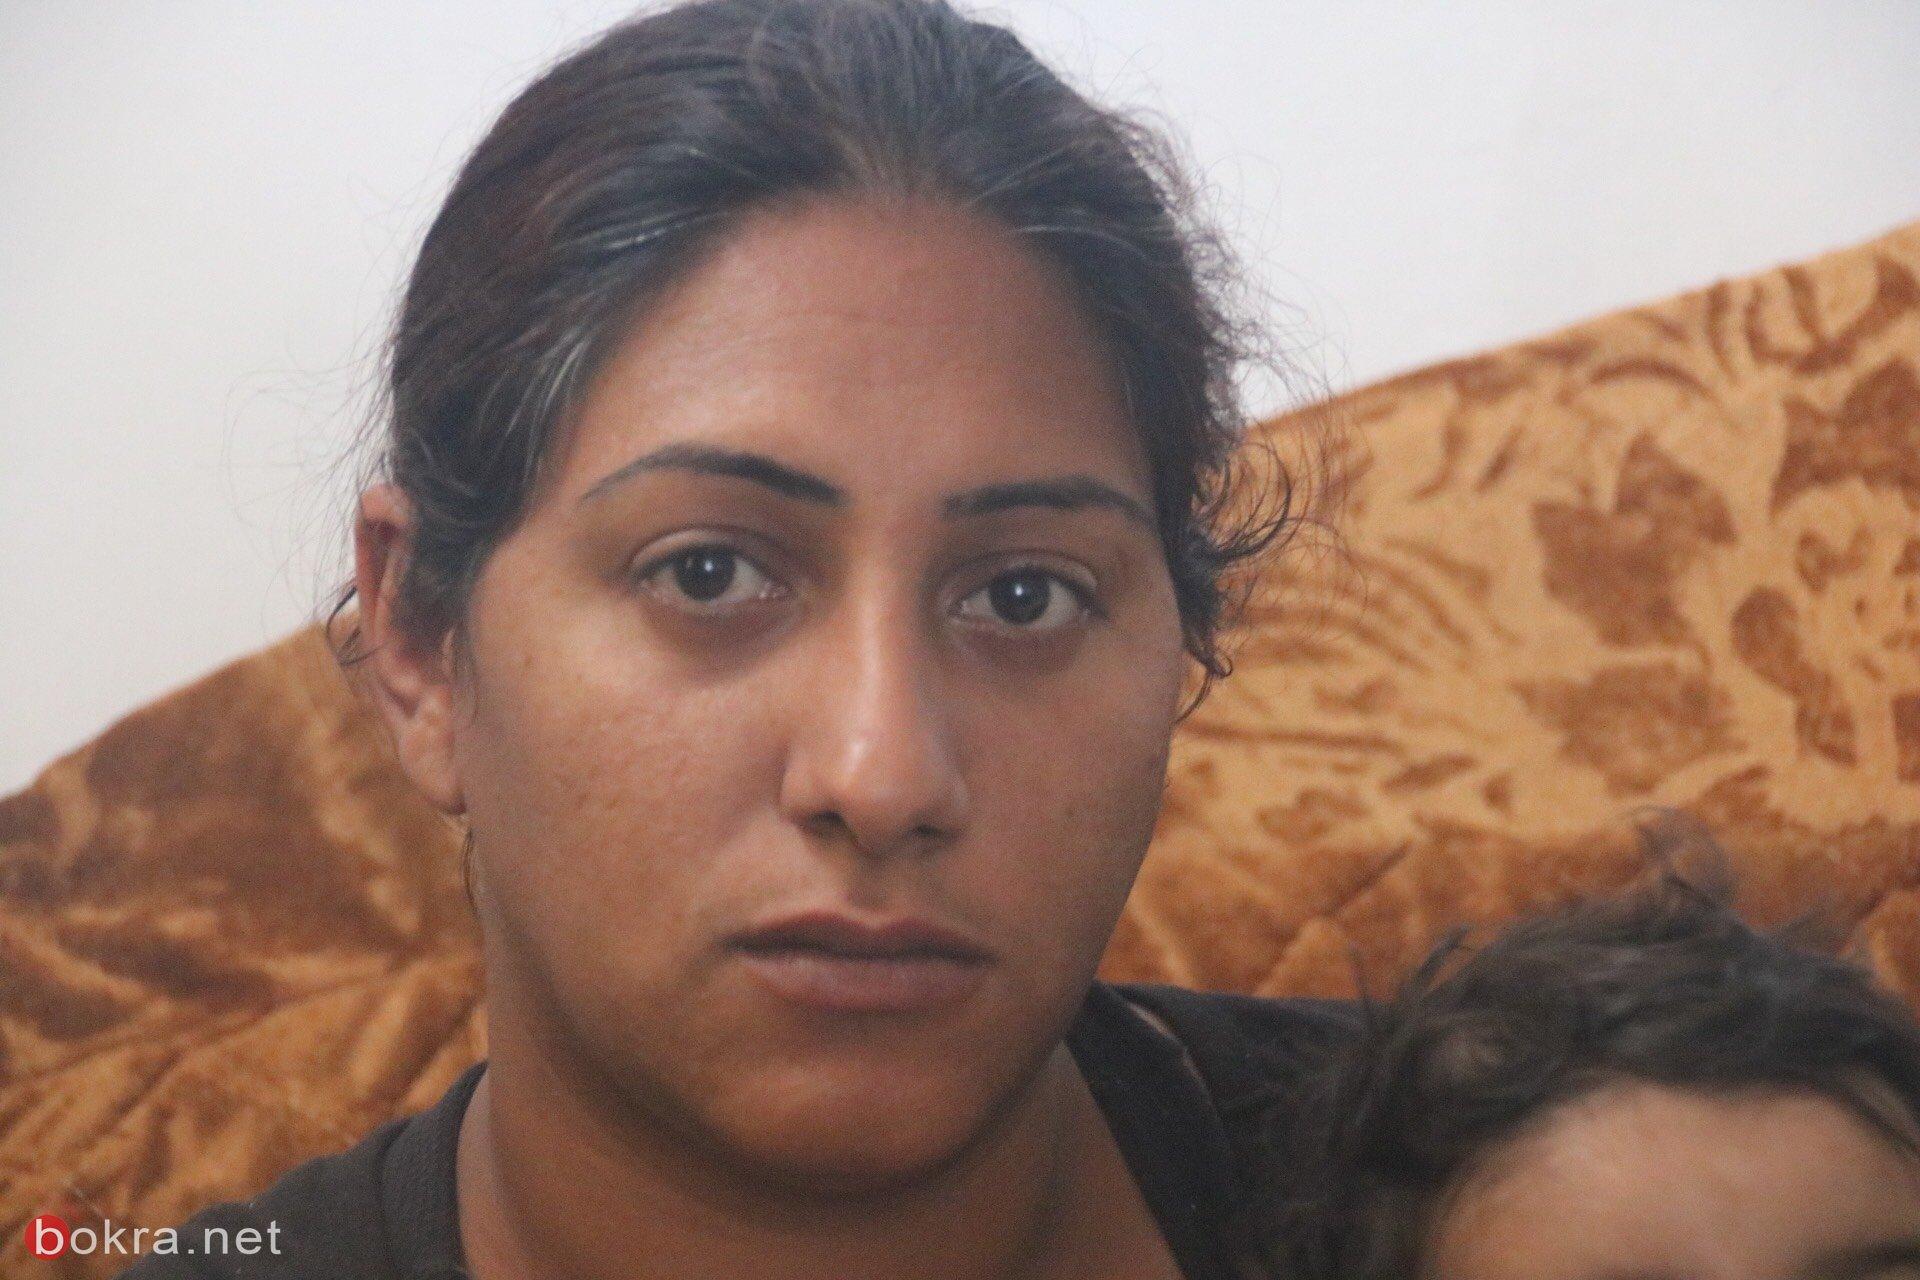 تشريد عائلة عربية من حيفا في وضح النهار.. وججيني لـبكرا: لا تتنازلوا عن بيوتكم